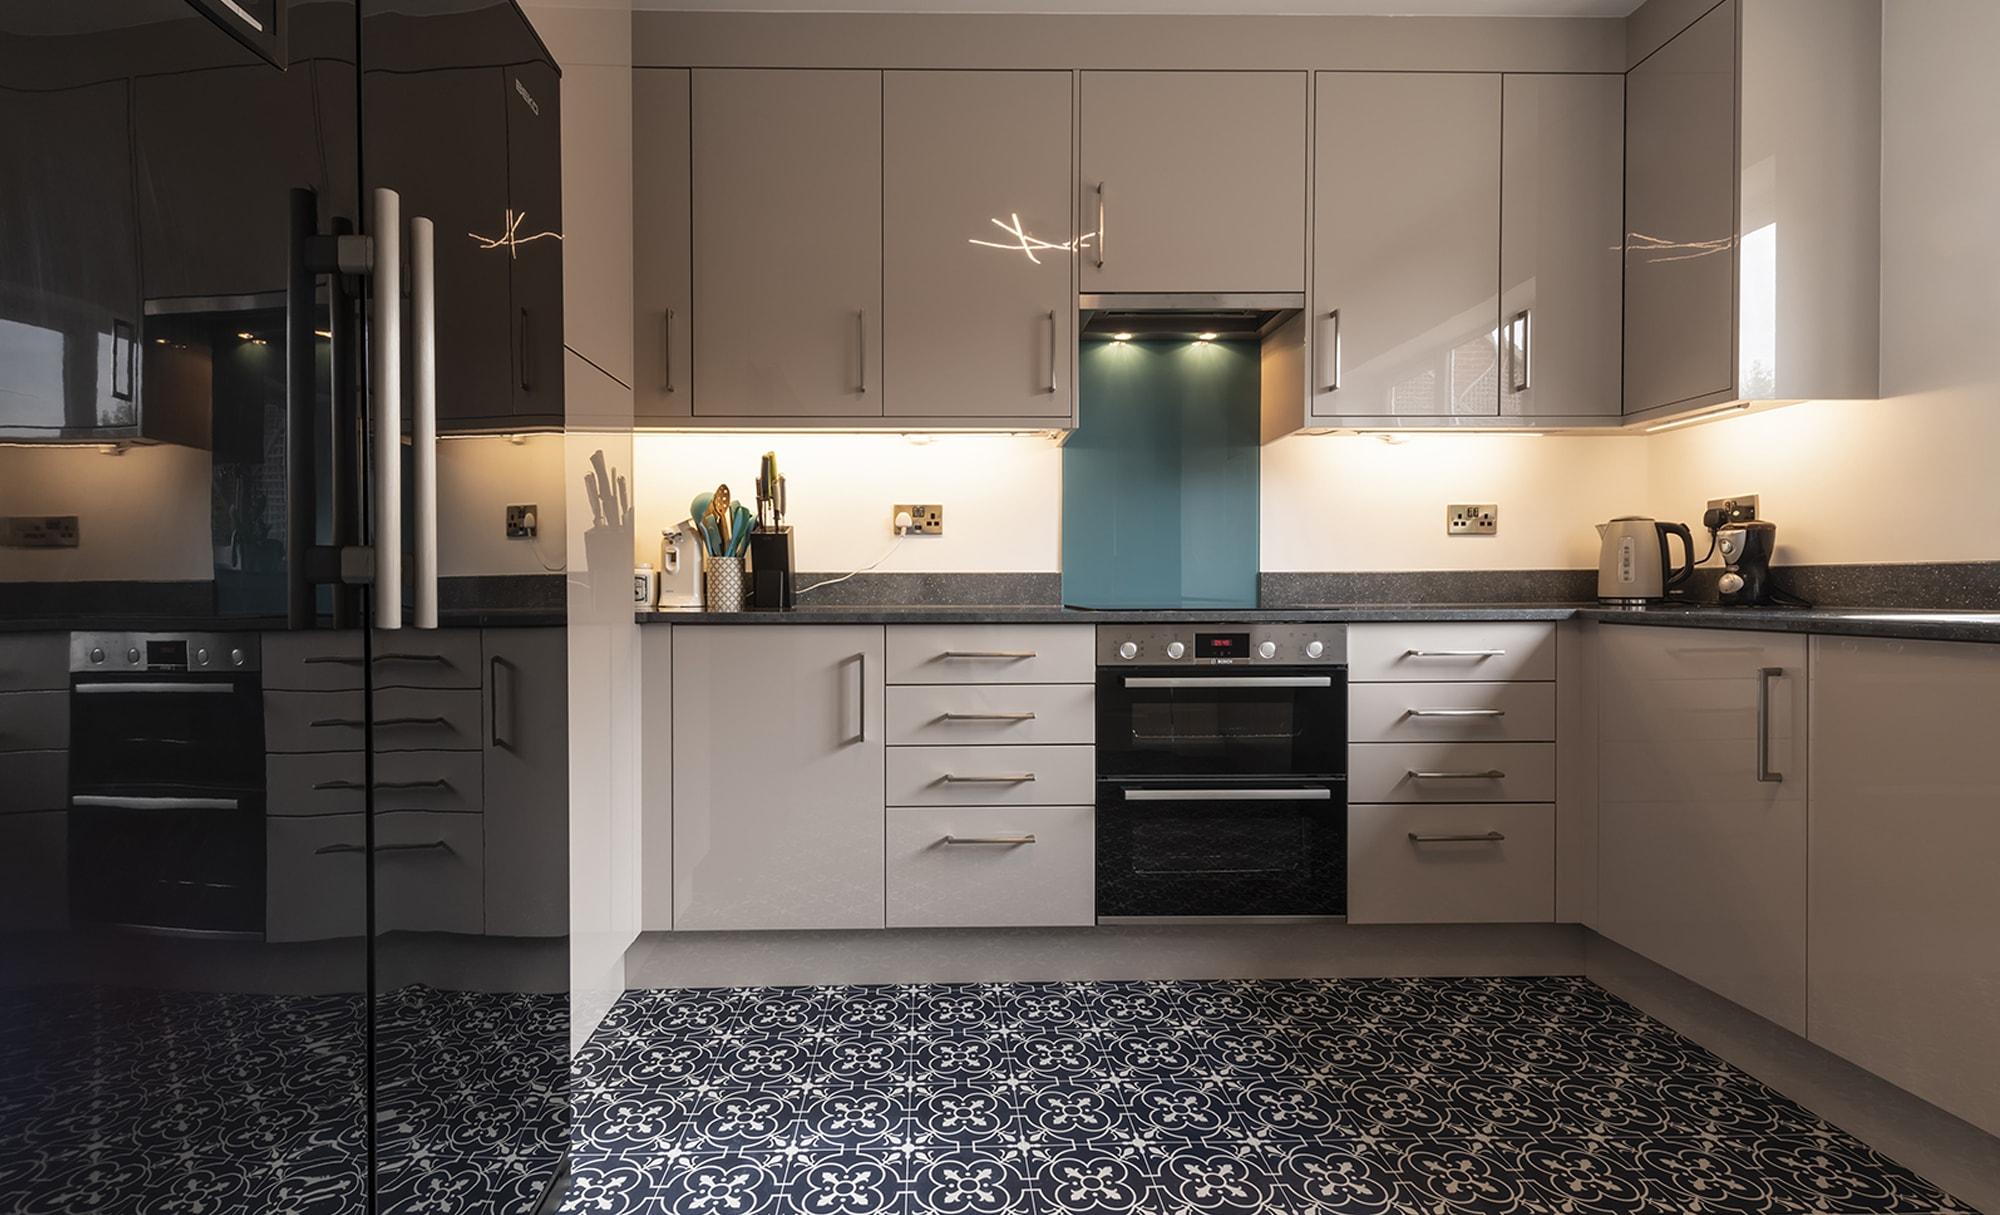 Portishead Zola Gloss Cashmere kitchen for Mr & Mrs Whitaker in Village Quarter, Portishead.